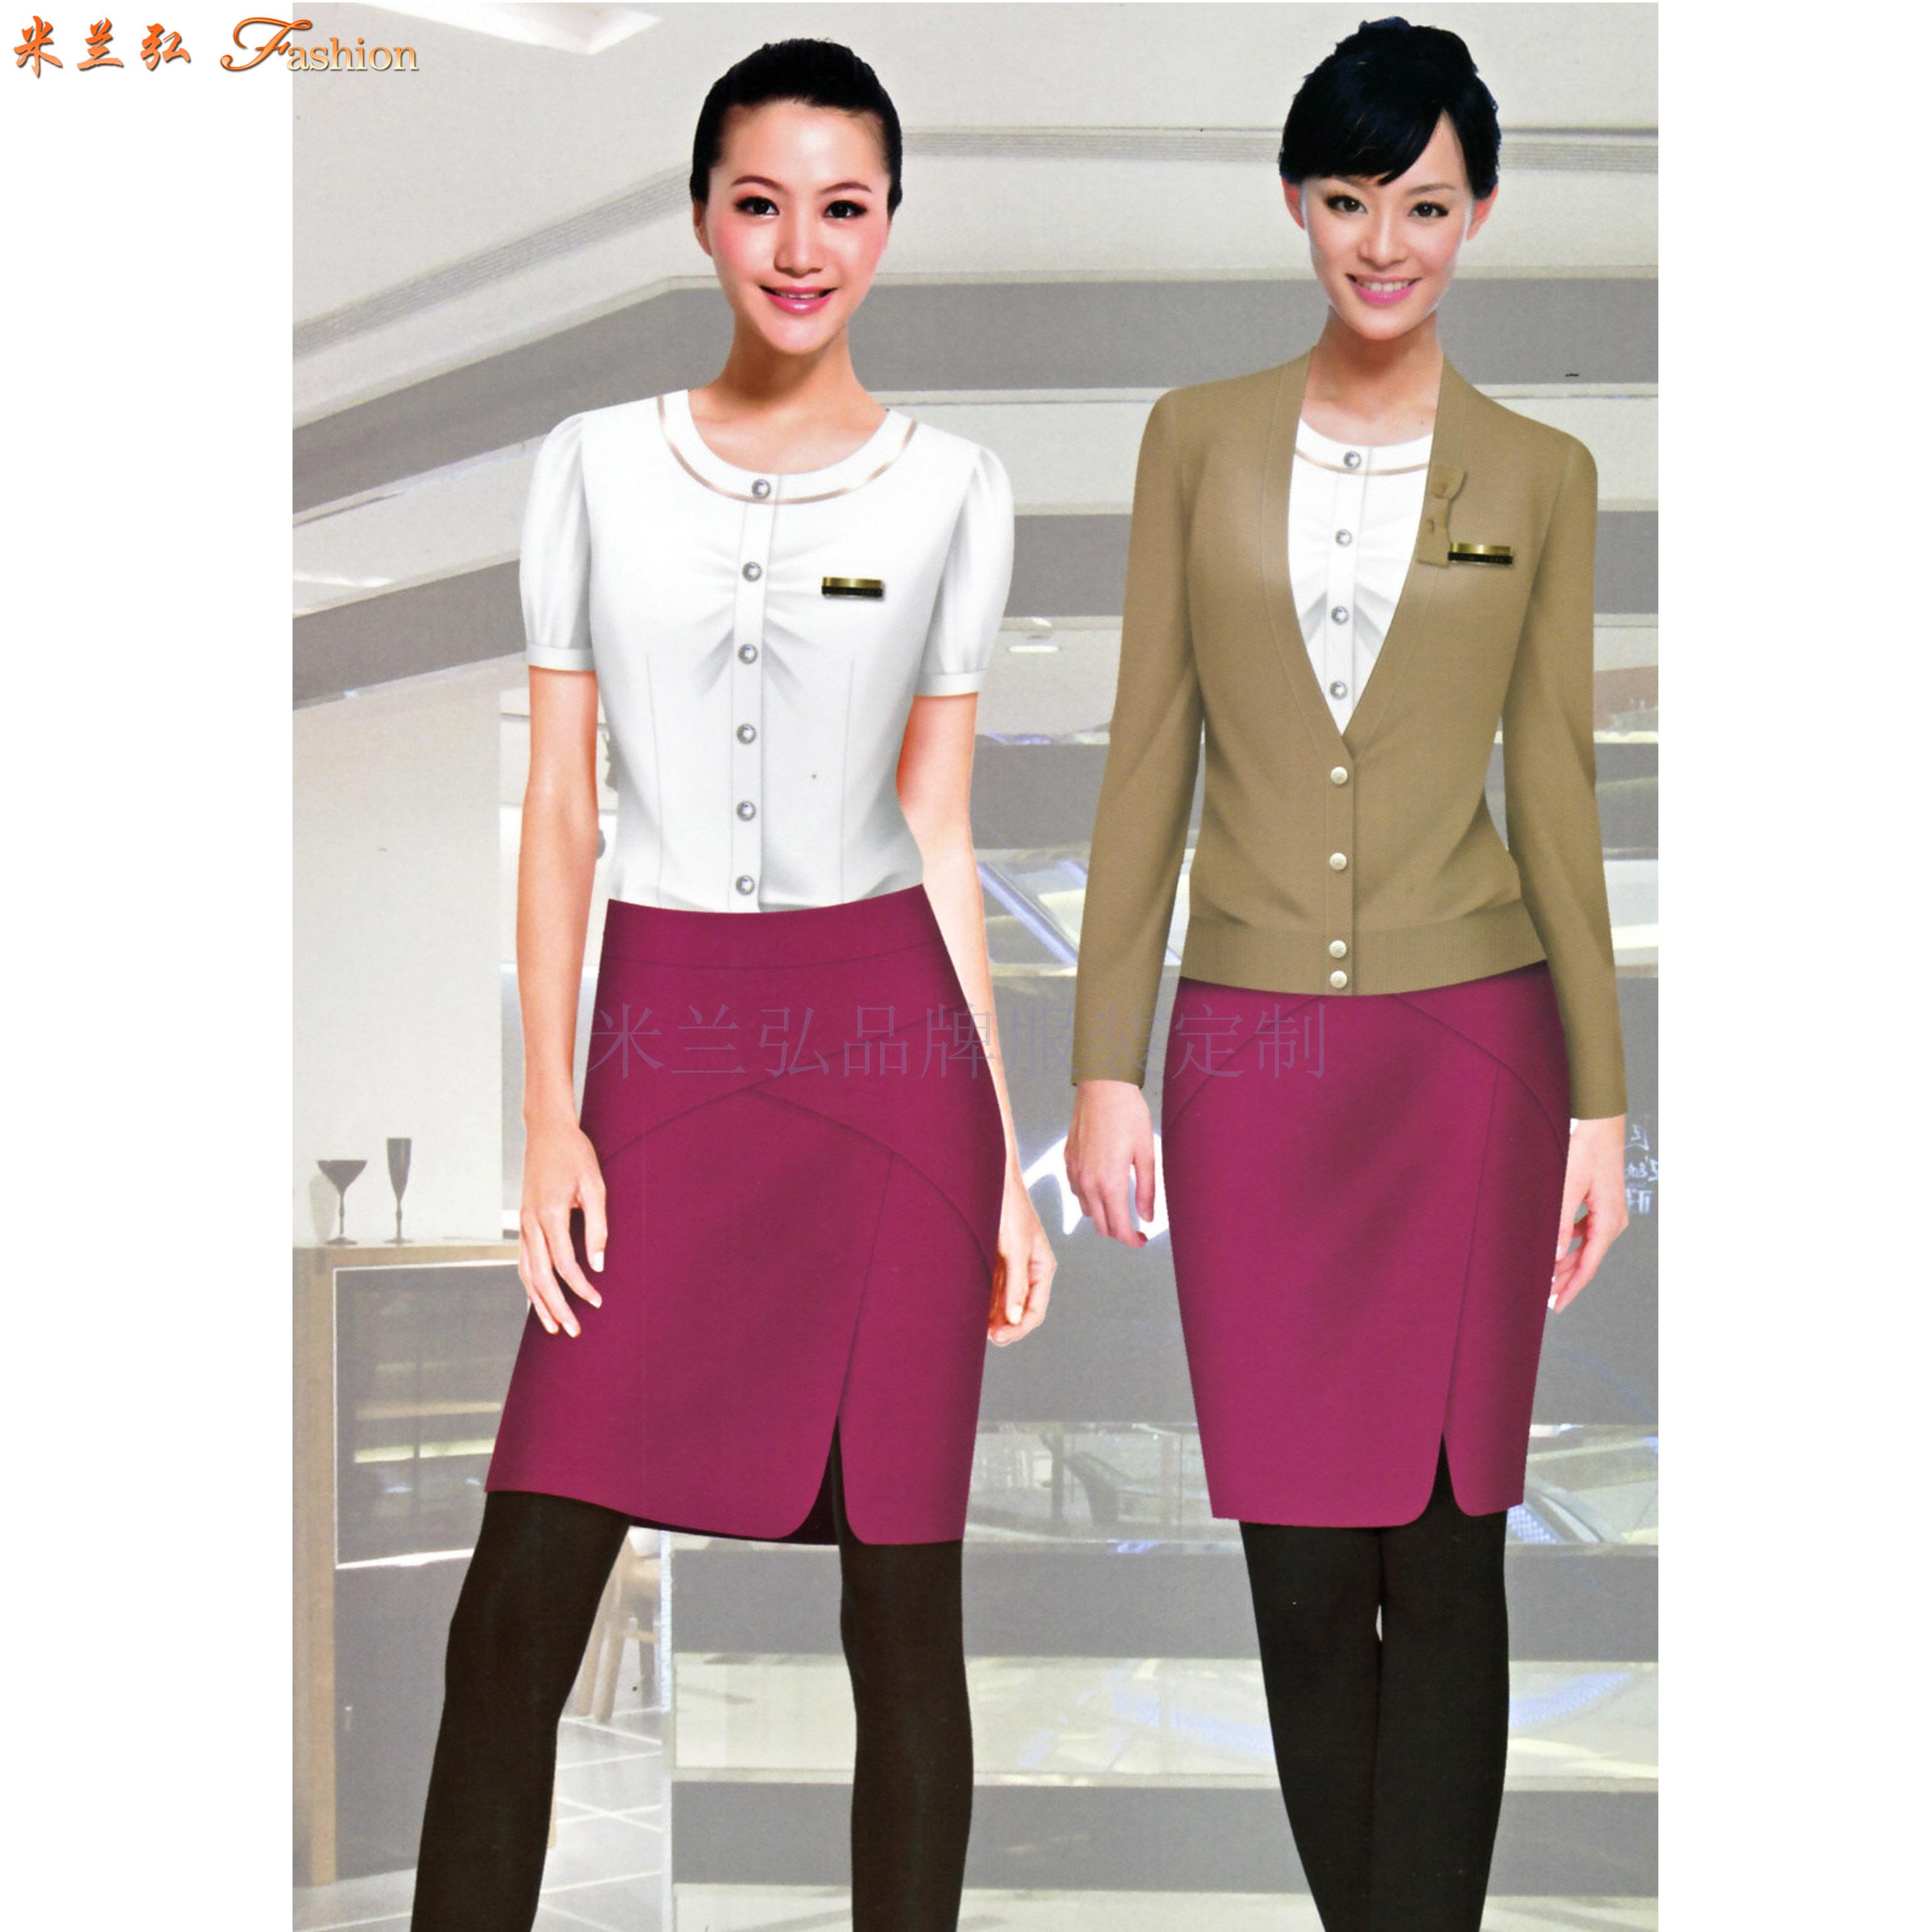 廣東職業裝定做-新穎潮流職業裝訂制-米蘭弘服裝-3